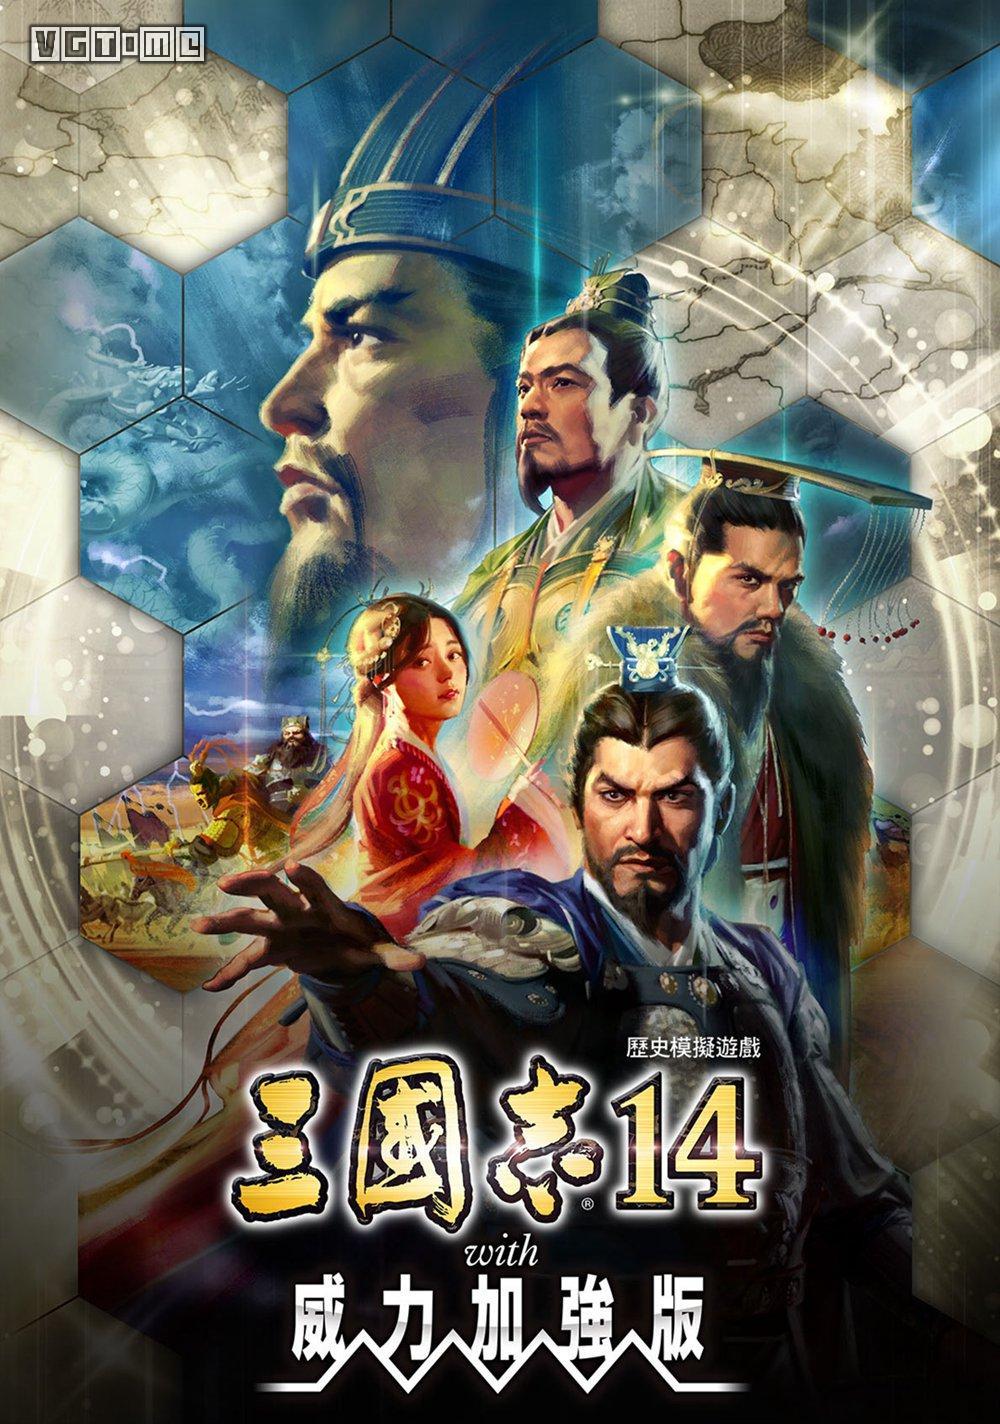 《三国志14 with 威力加强版》将于2月25日发布免费更新及付费DLC